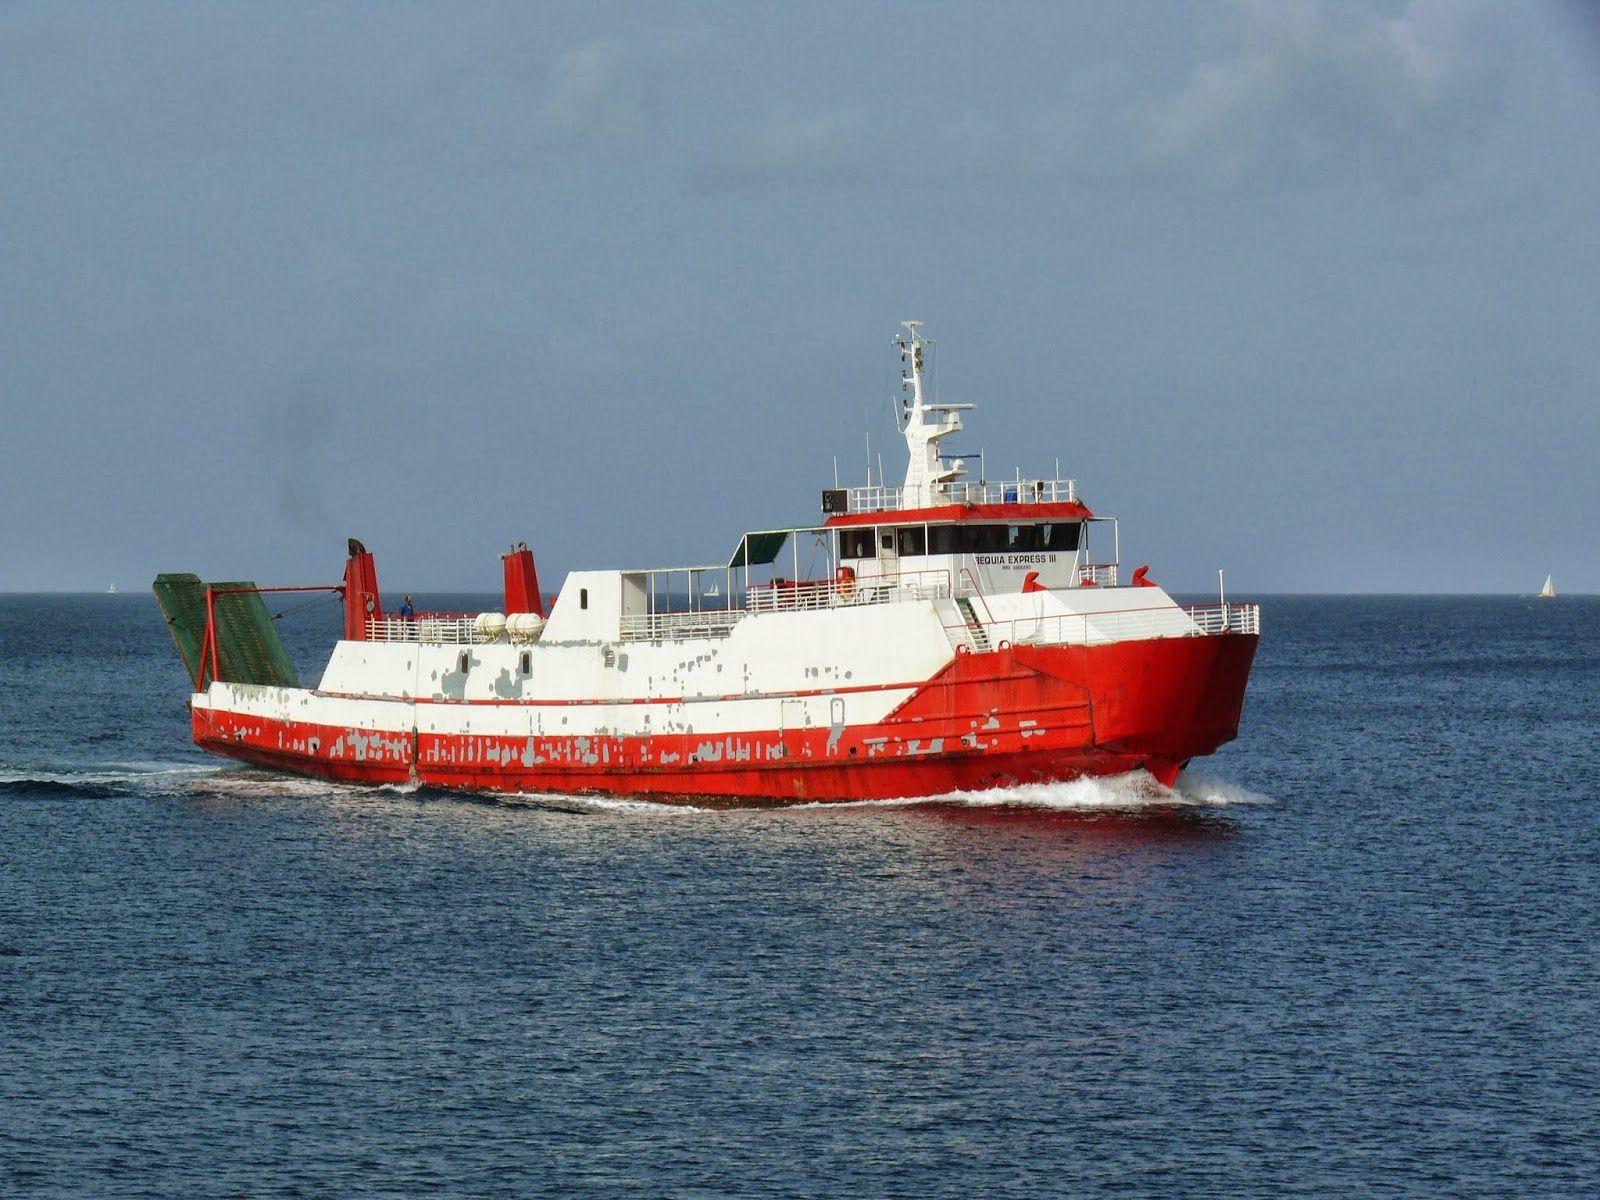 Kingstown Le Ferry Pour L Ile De Bequia Saint Vincent And The Grenadines